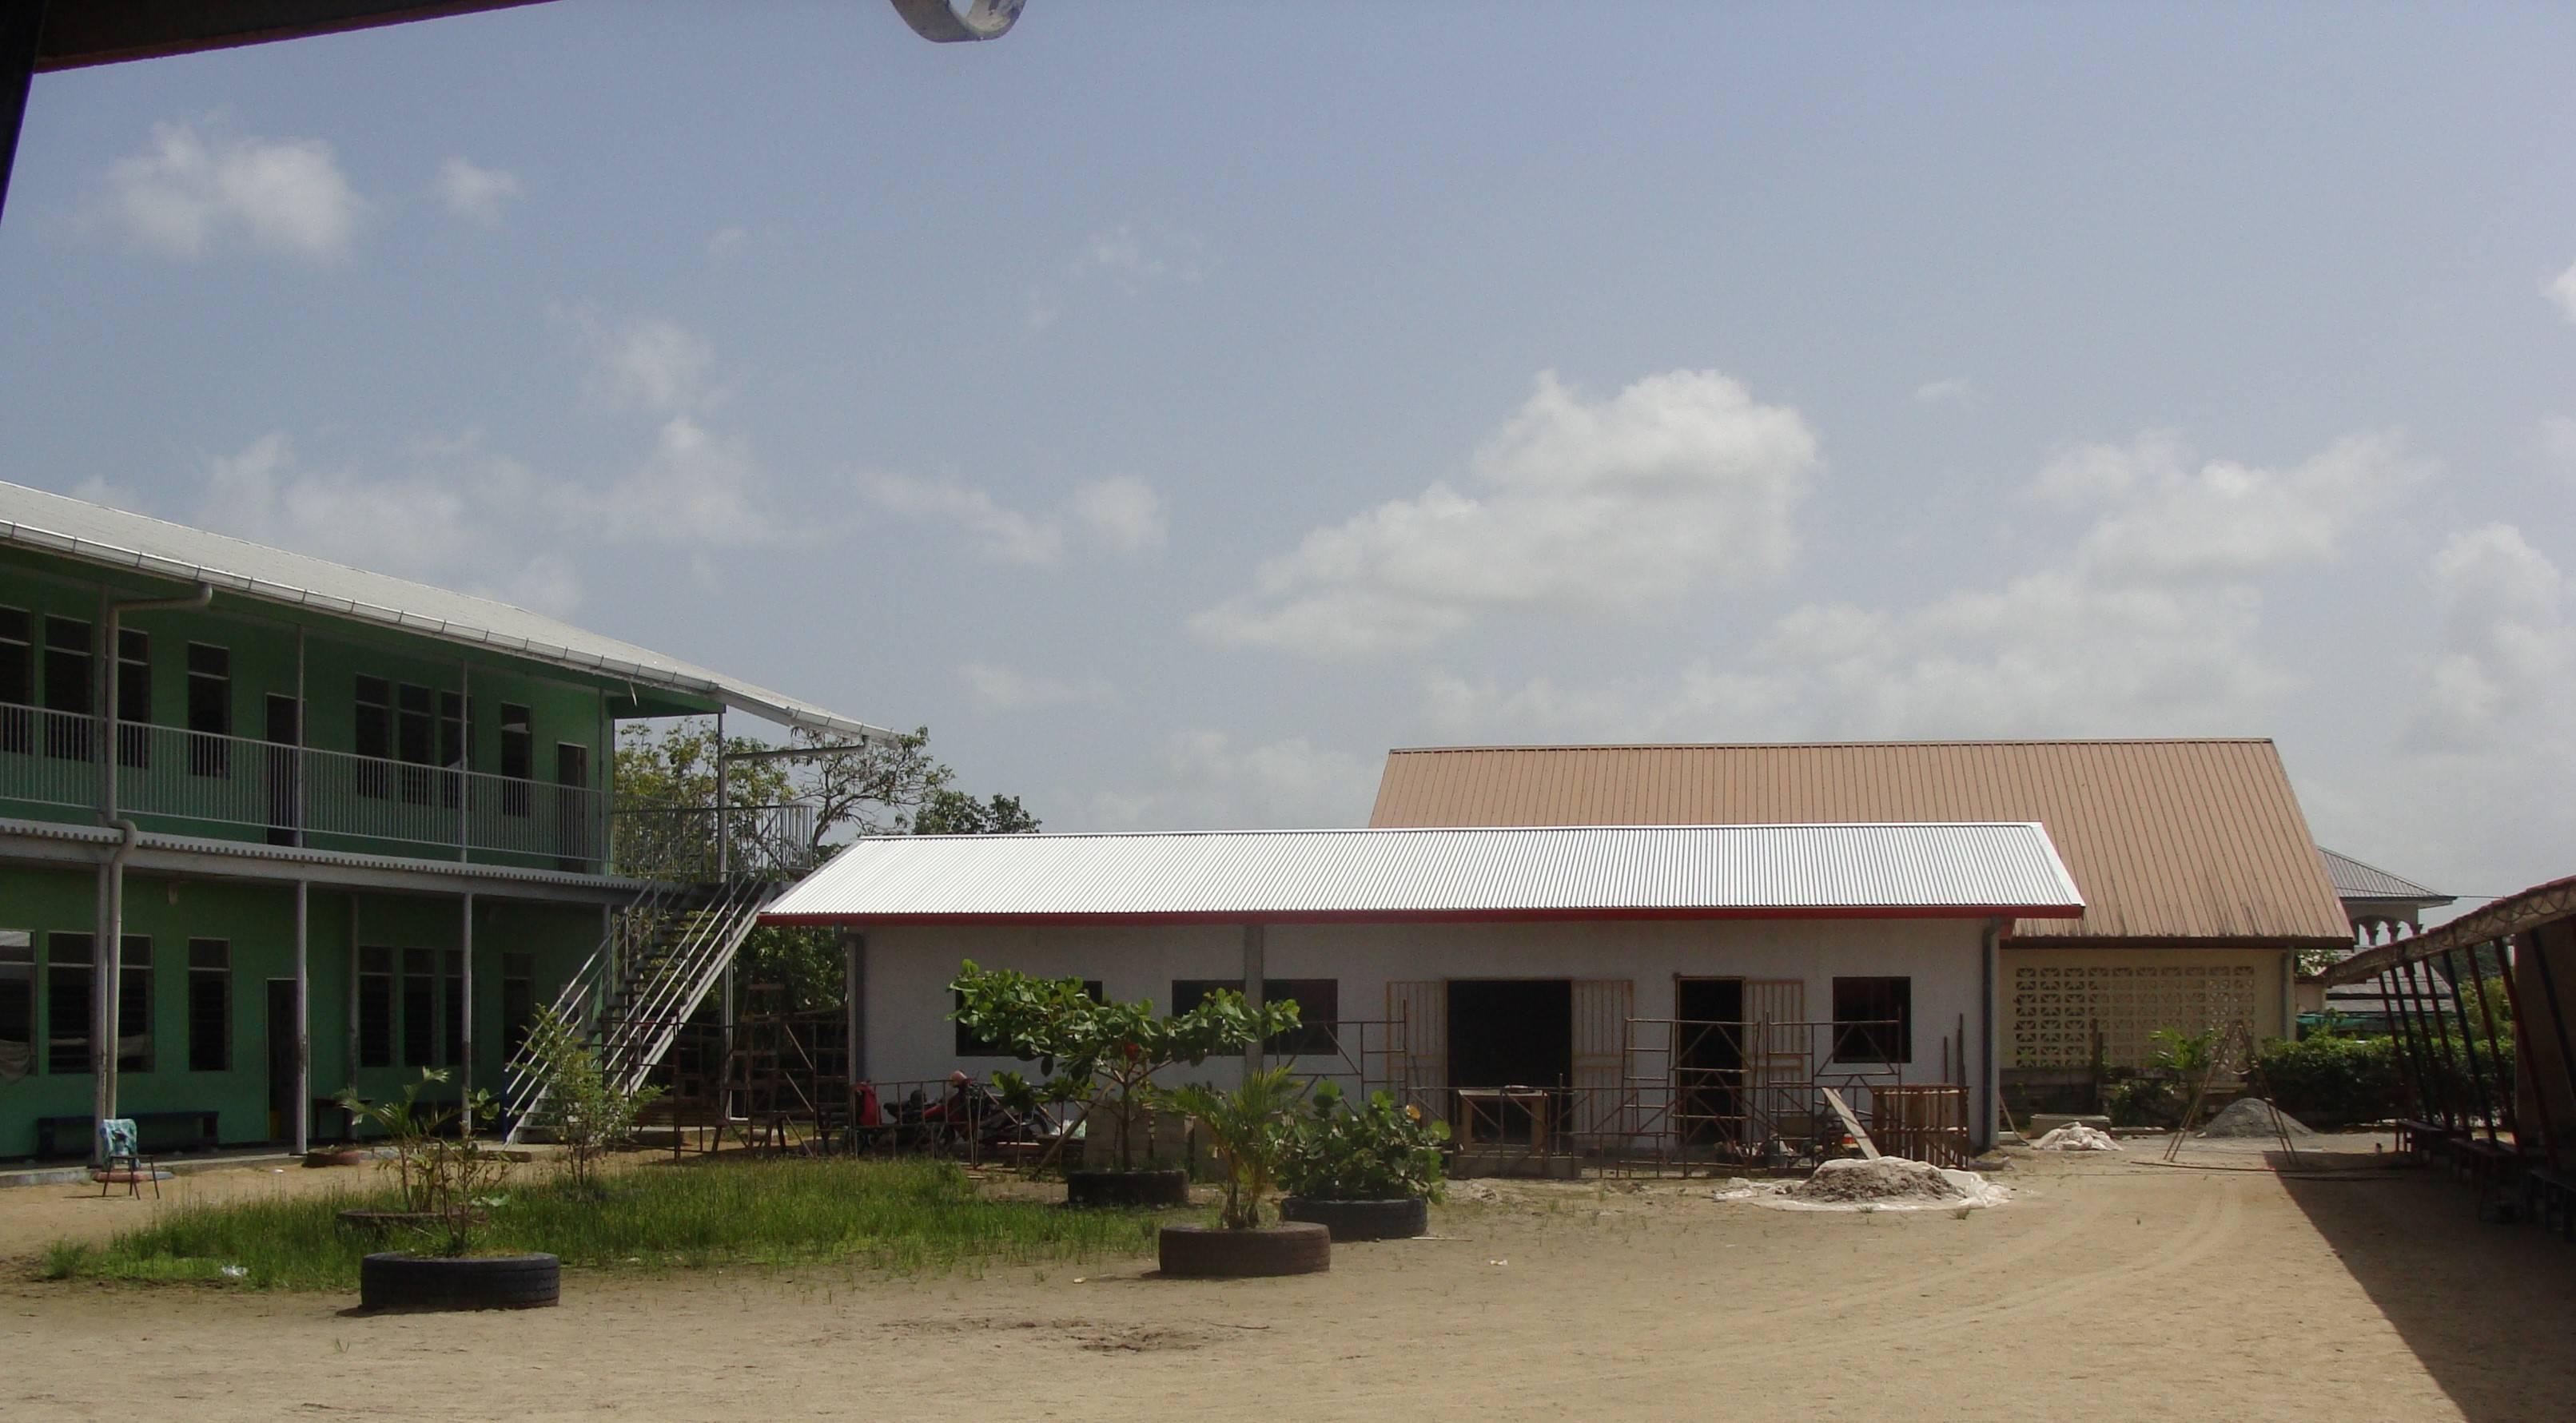 2017: Surinaams bedrijf Staatsolie schenkt een mediatheek!